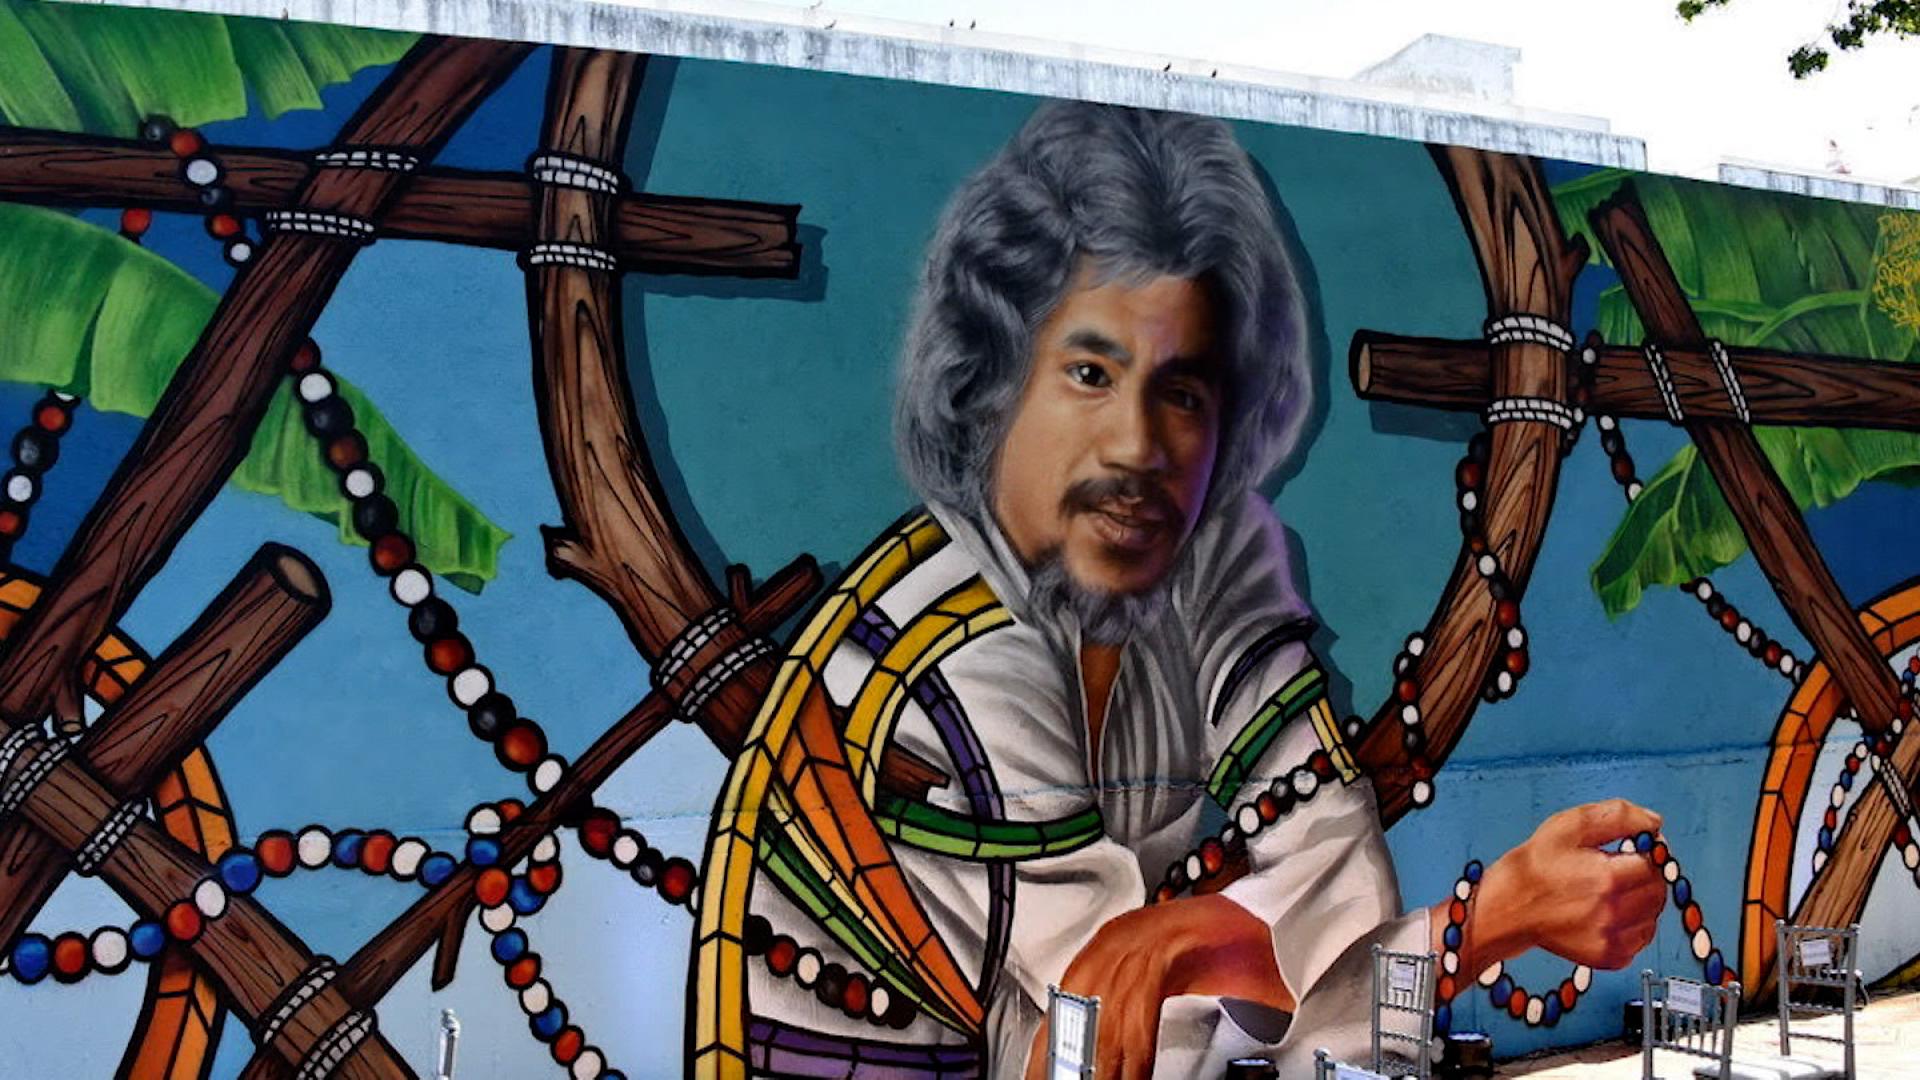 Inauguran mural en honor al legendario músico Johnny Pacheco en República Dominicana